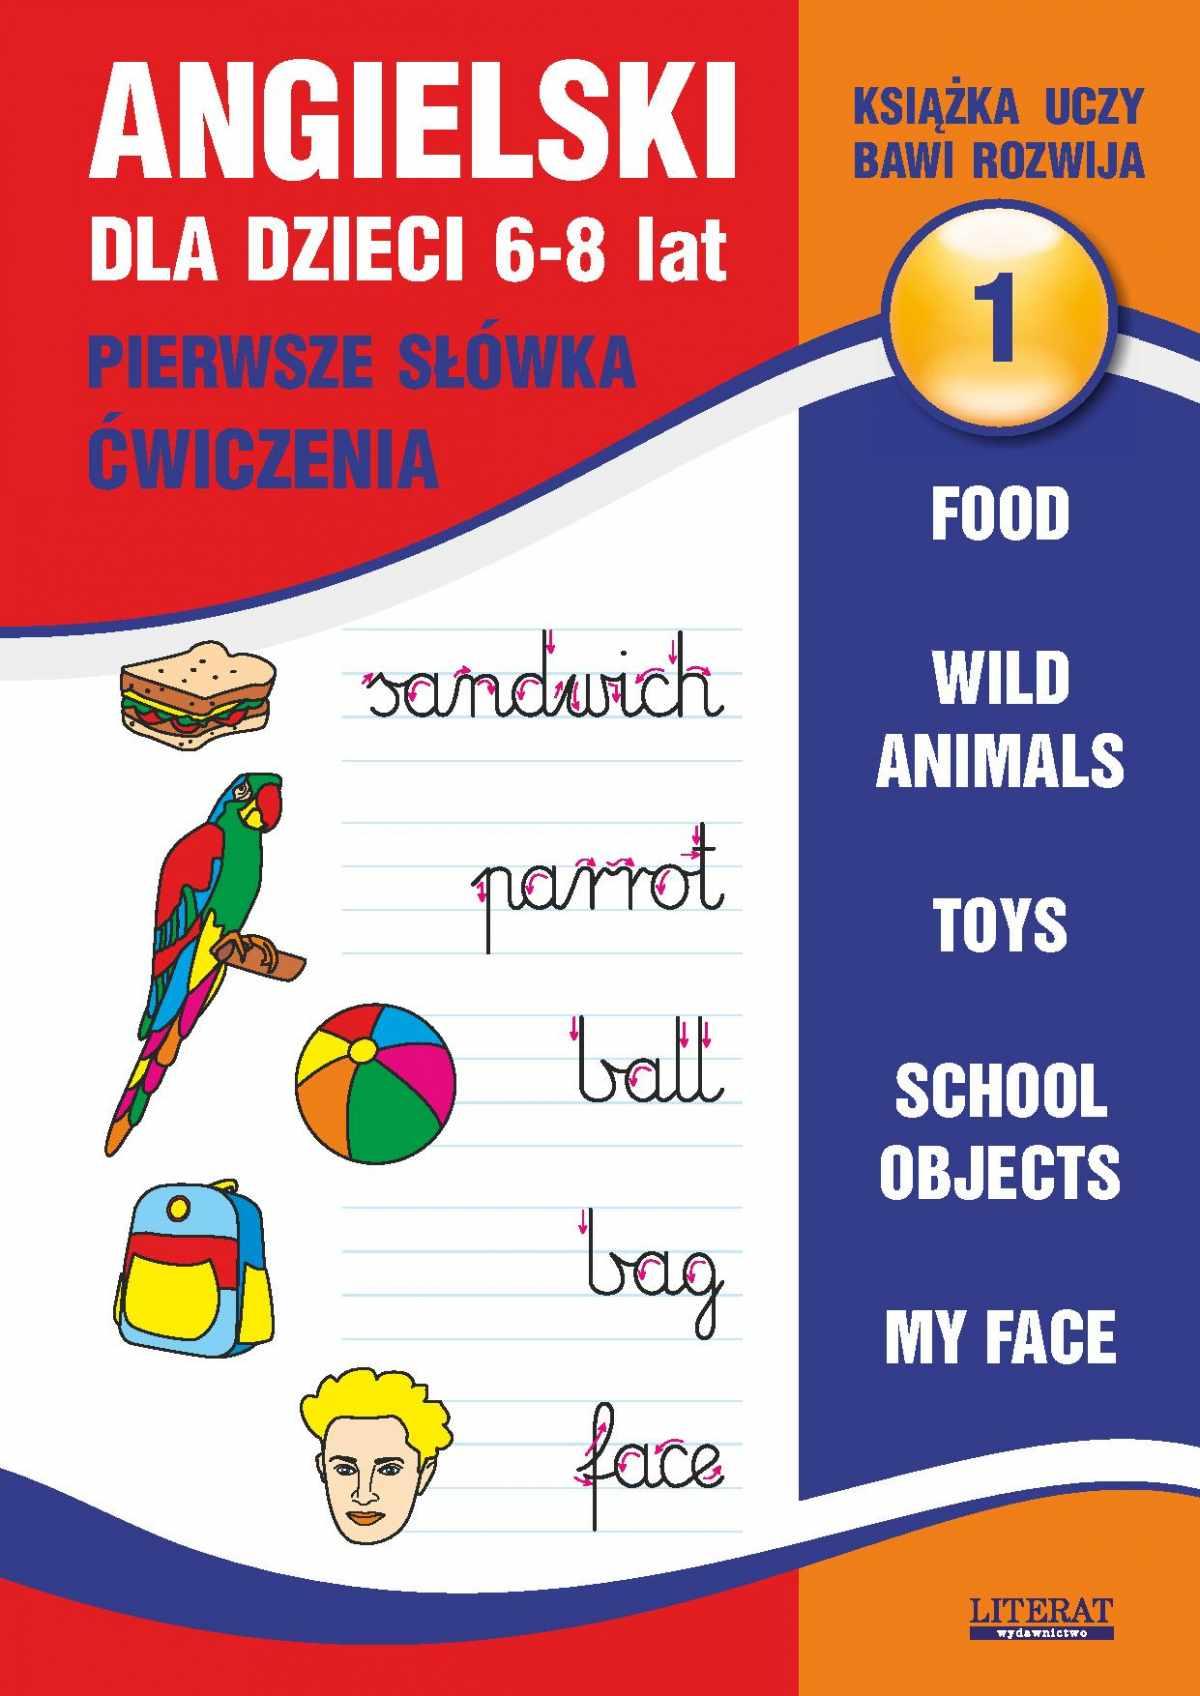 Angielski dla dzieci 1. Pierwsze słówka. Ćwiczenia. 6-8 lat. Food. Wild animals. Toys. School objects. My face - Ebook (Książka PDF) do pobrania w formacie PDF